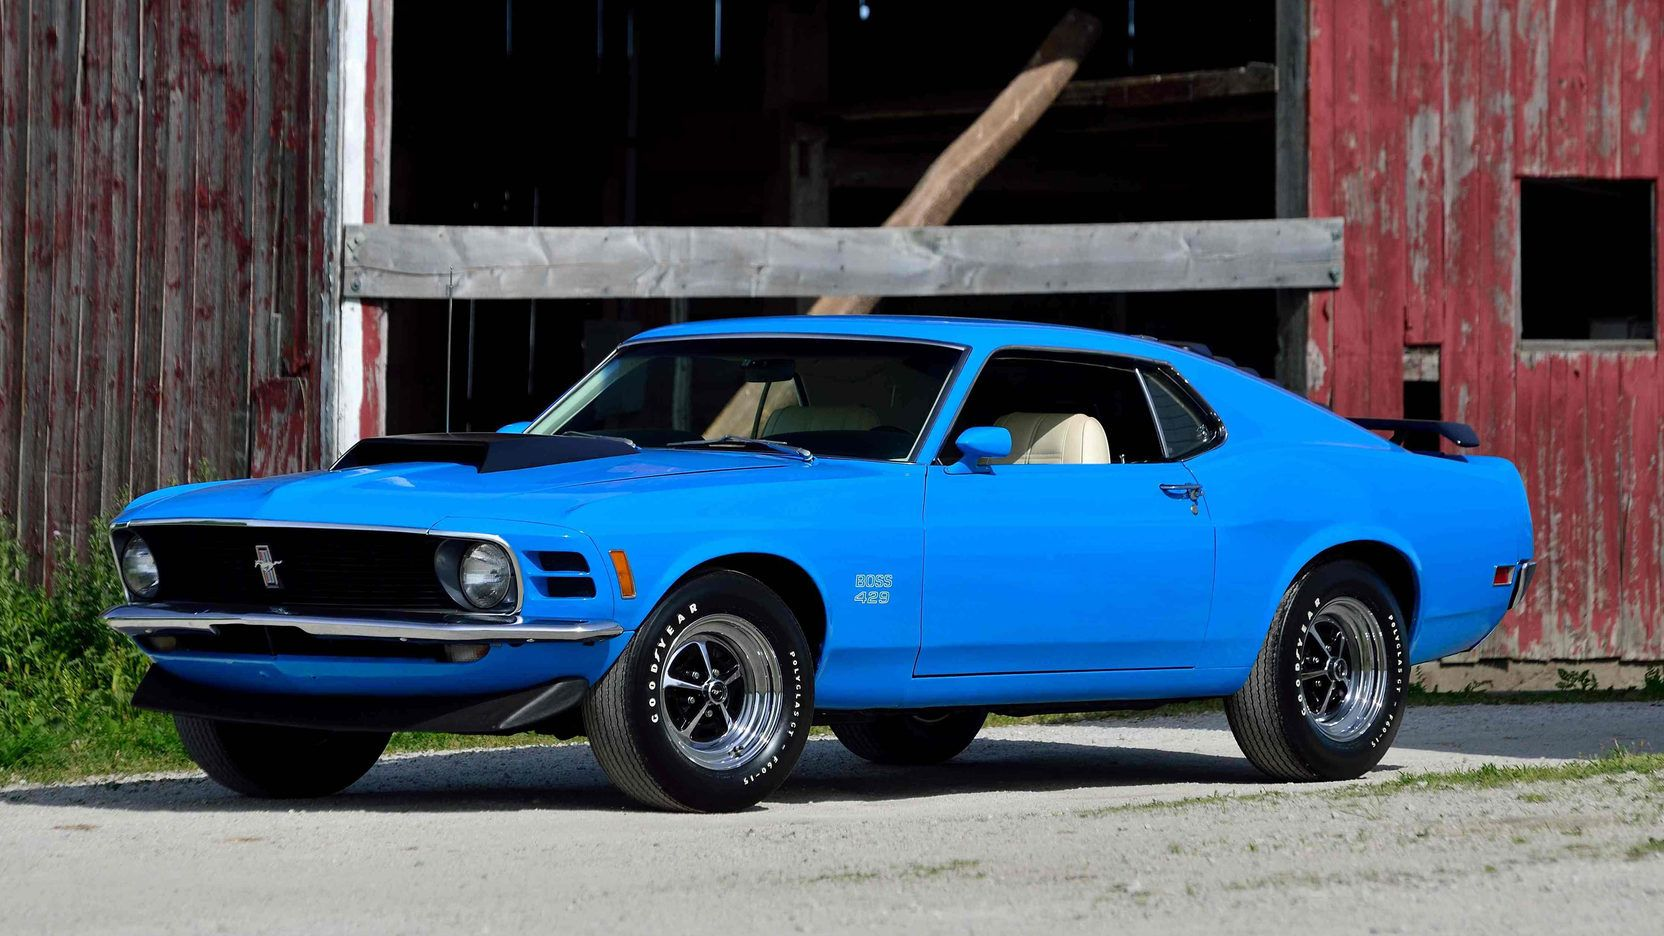 1970 Ford Mustang Boss 429 In Grabber Blue Kk 2161 Ford Mustang Boss Mustang Boss Ford Mustang